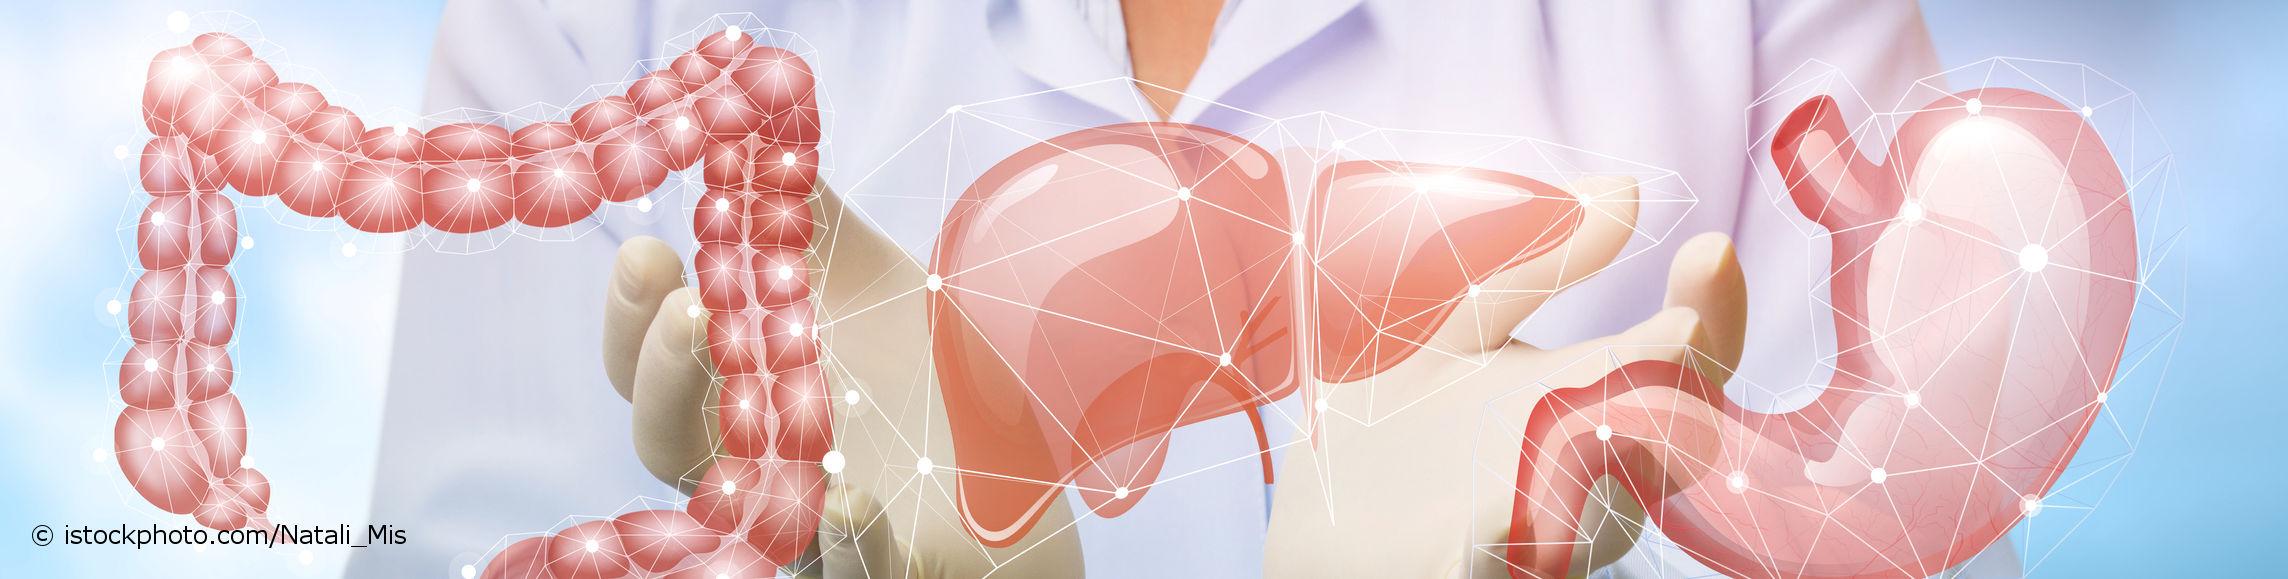 Bei docinsider registrierter Facharzt für Innere Medizin und Gastroenterologie zeigt 3-D-Modell von Magen, Darm und Leber.